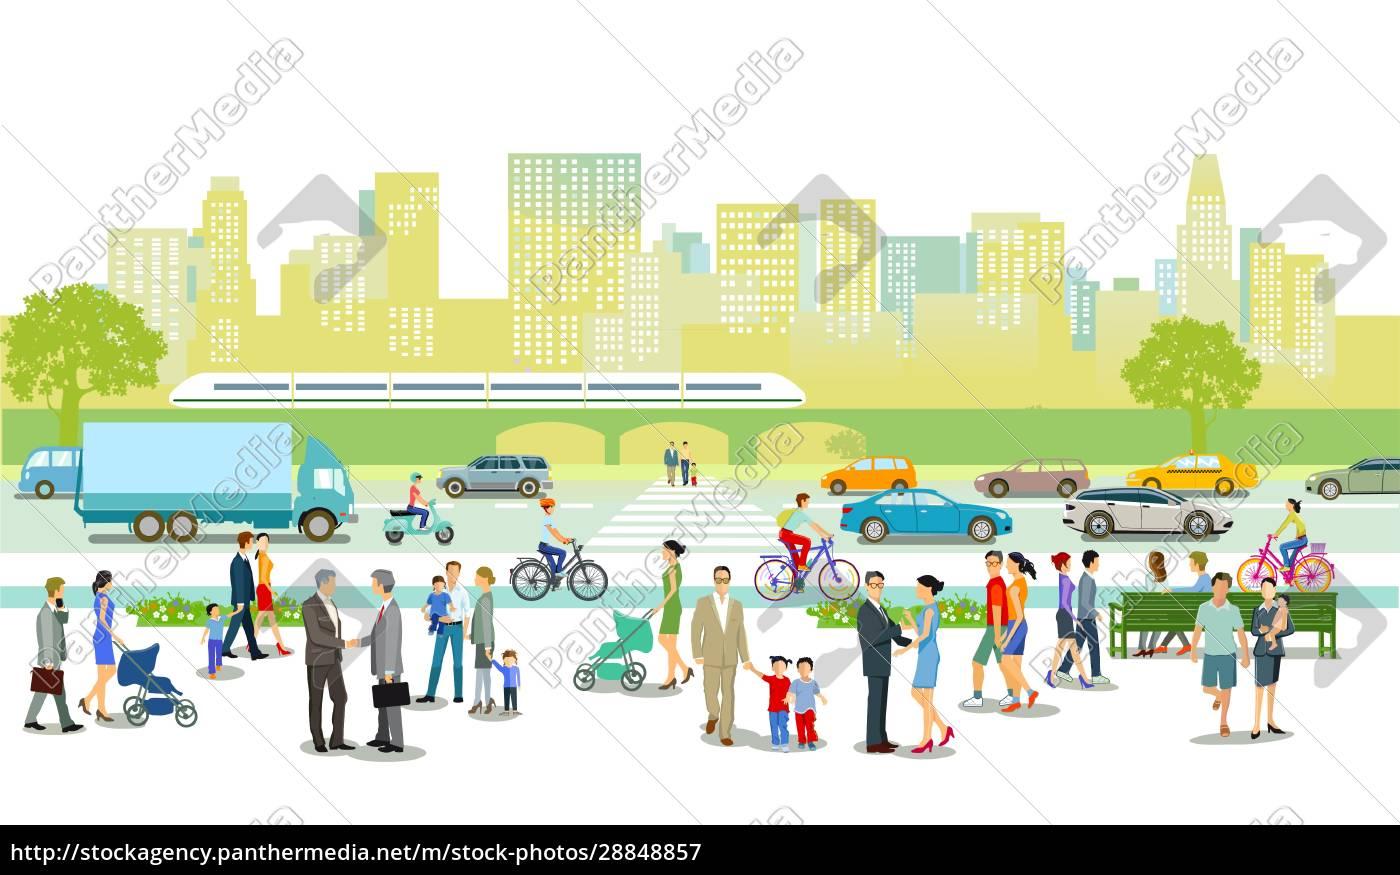 stadt, mit, straßenverkehr, mehrfamilienhäusern, und, fußgängern, auf - 28848857